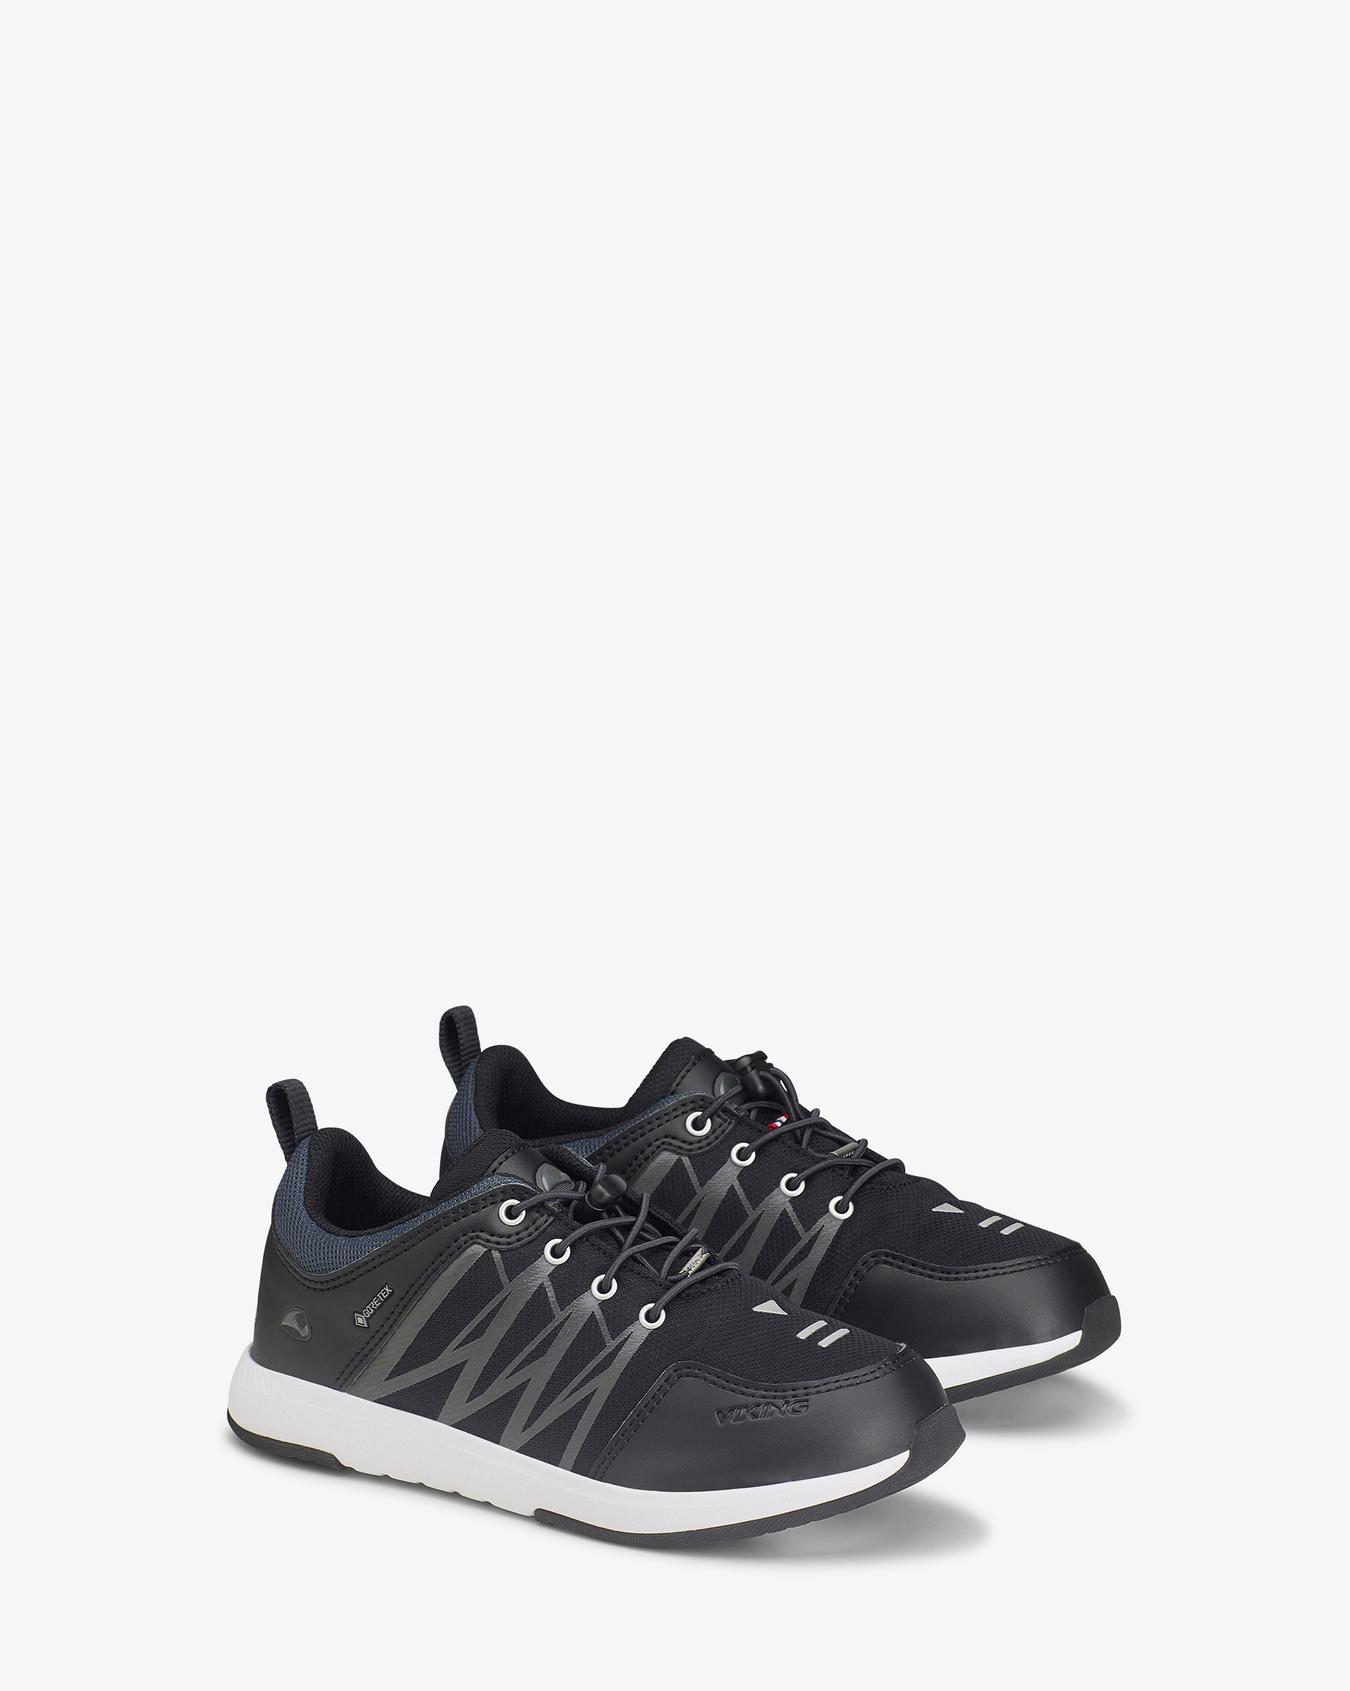 Oppsal R GTX Black Sneaker